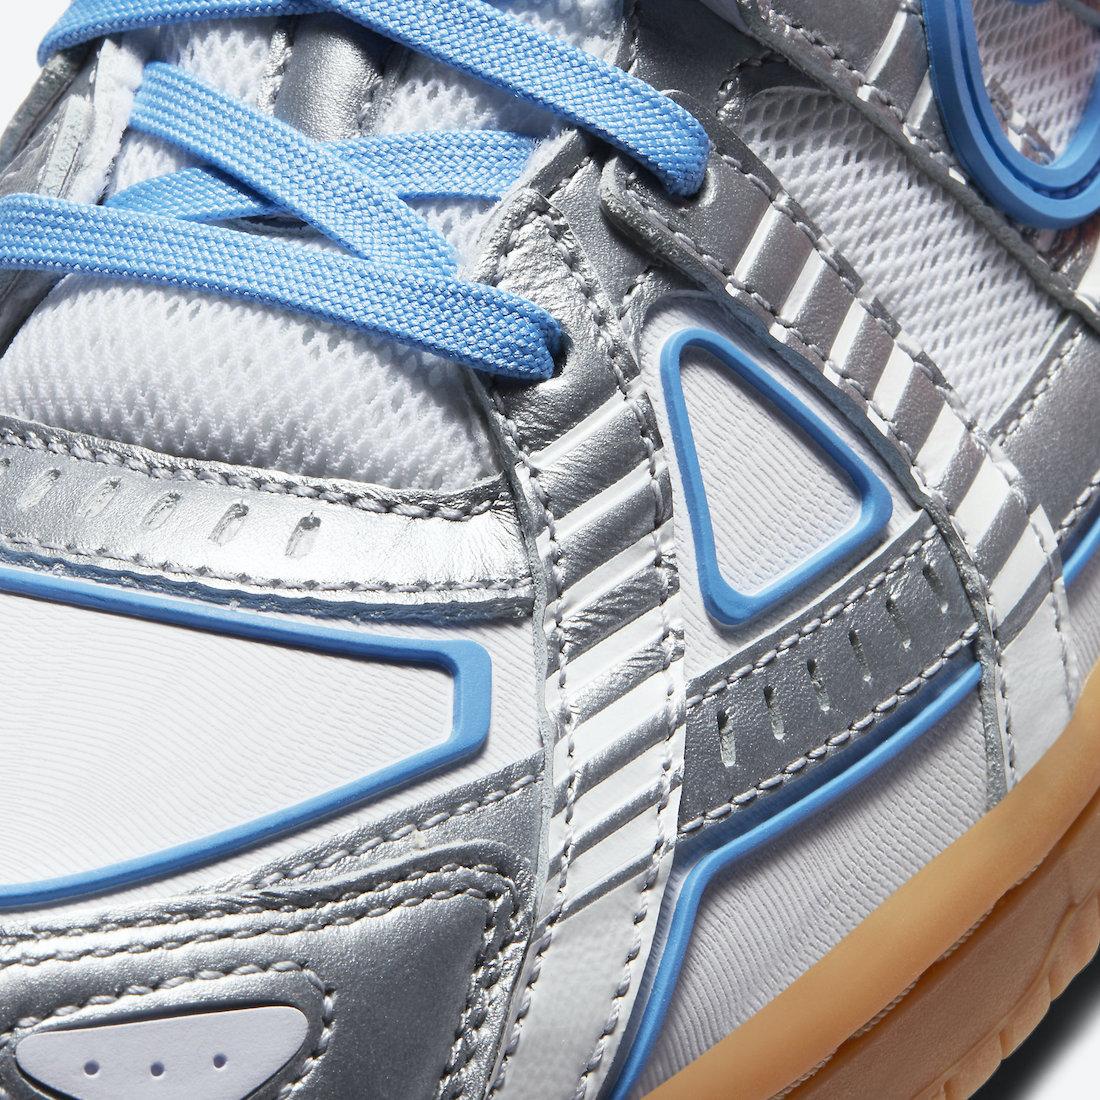 Off-White Nike Air Rubber Dunk University Blue CU6015-100 Release Date